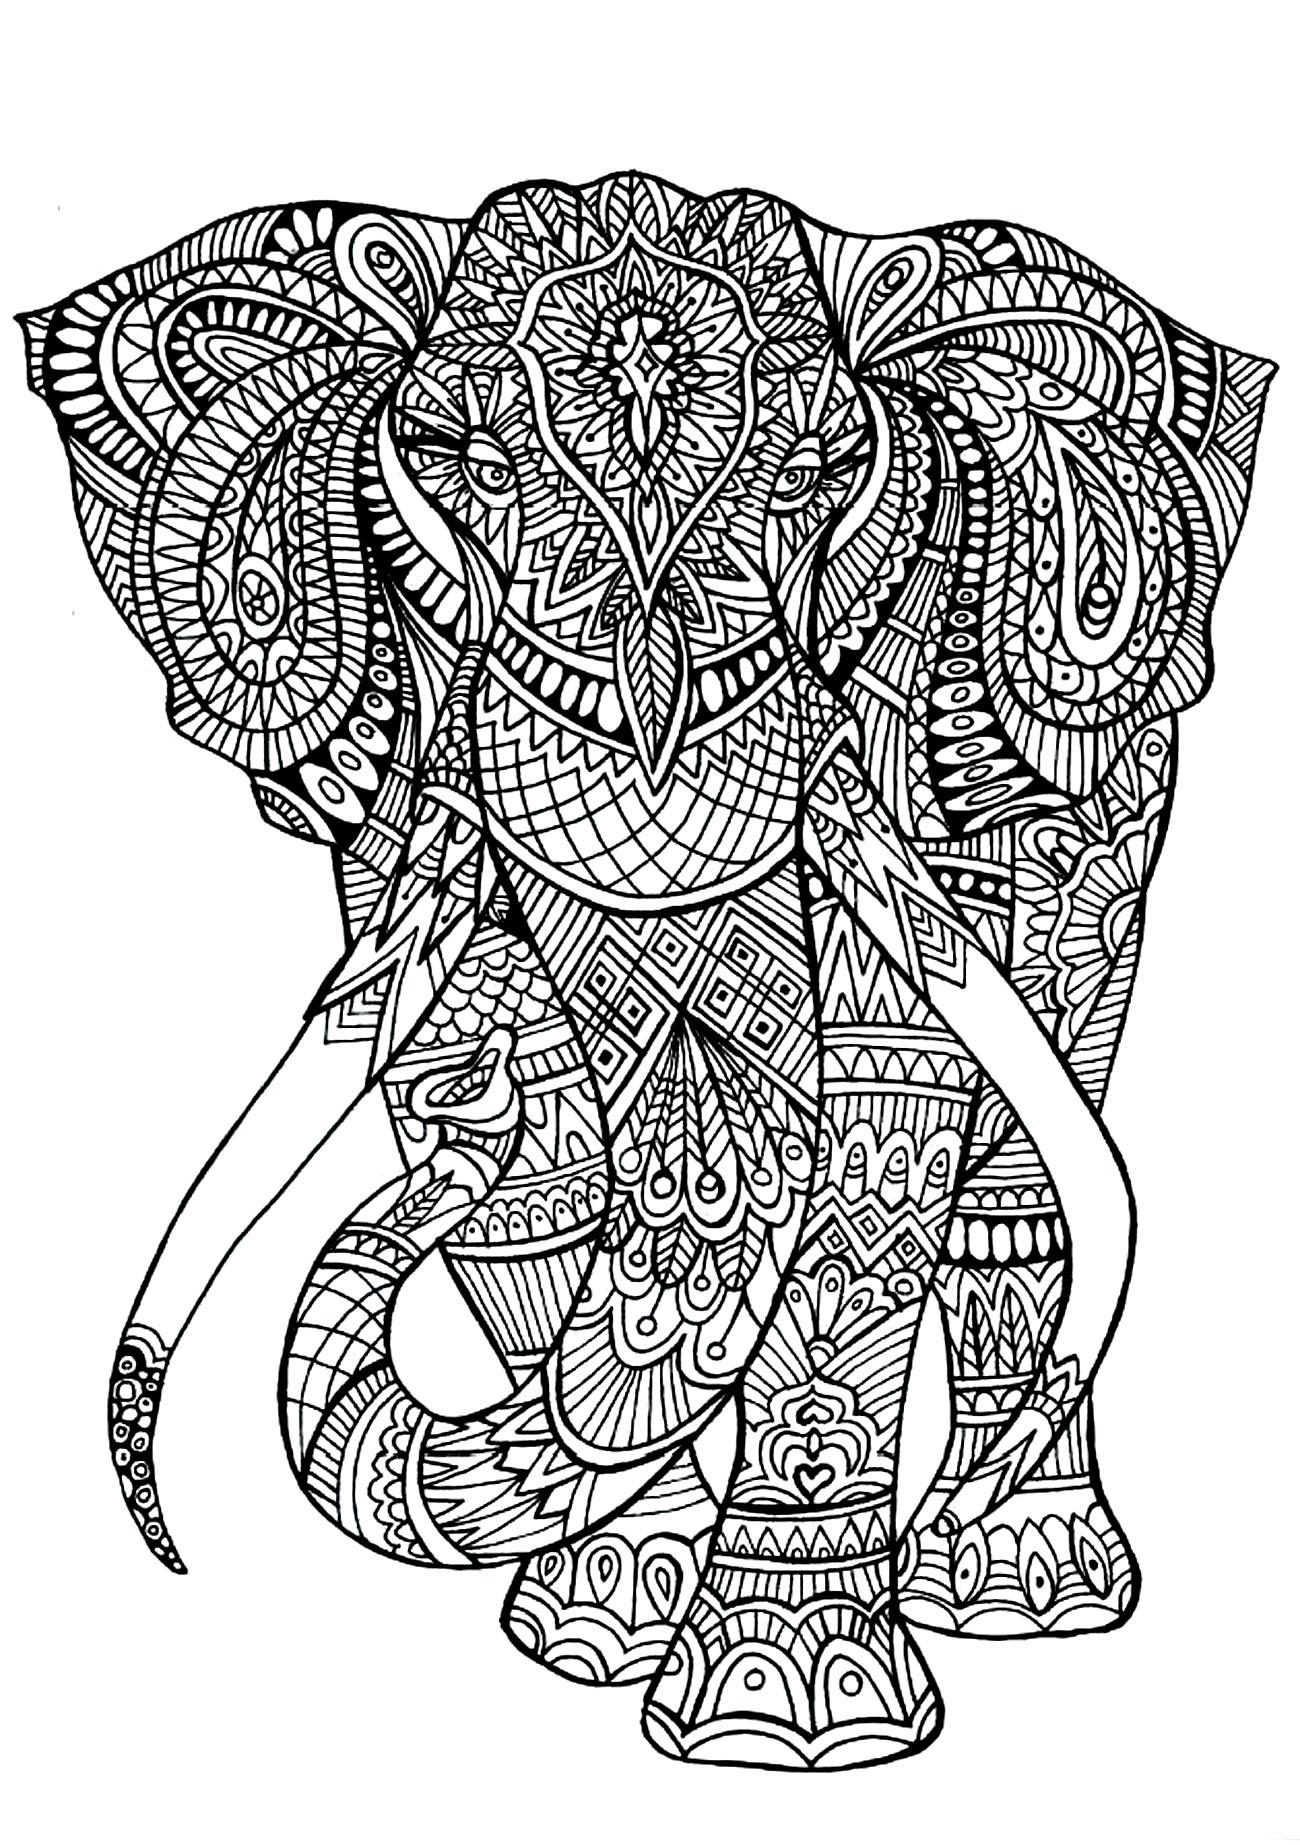 Disegni da colorare per adulti : Elefanti - 4